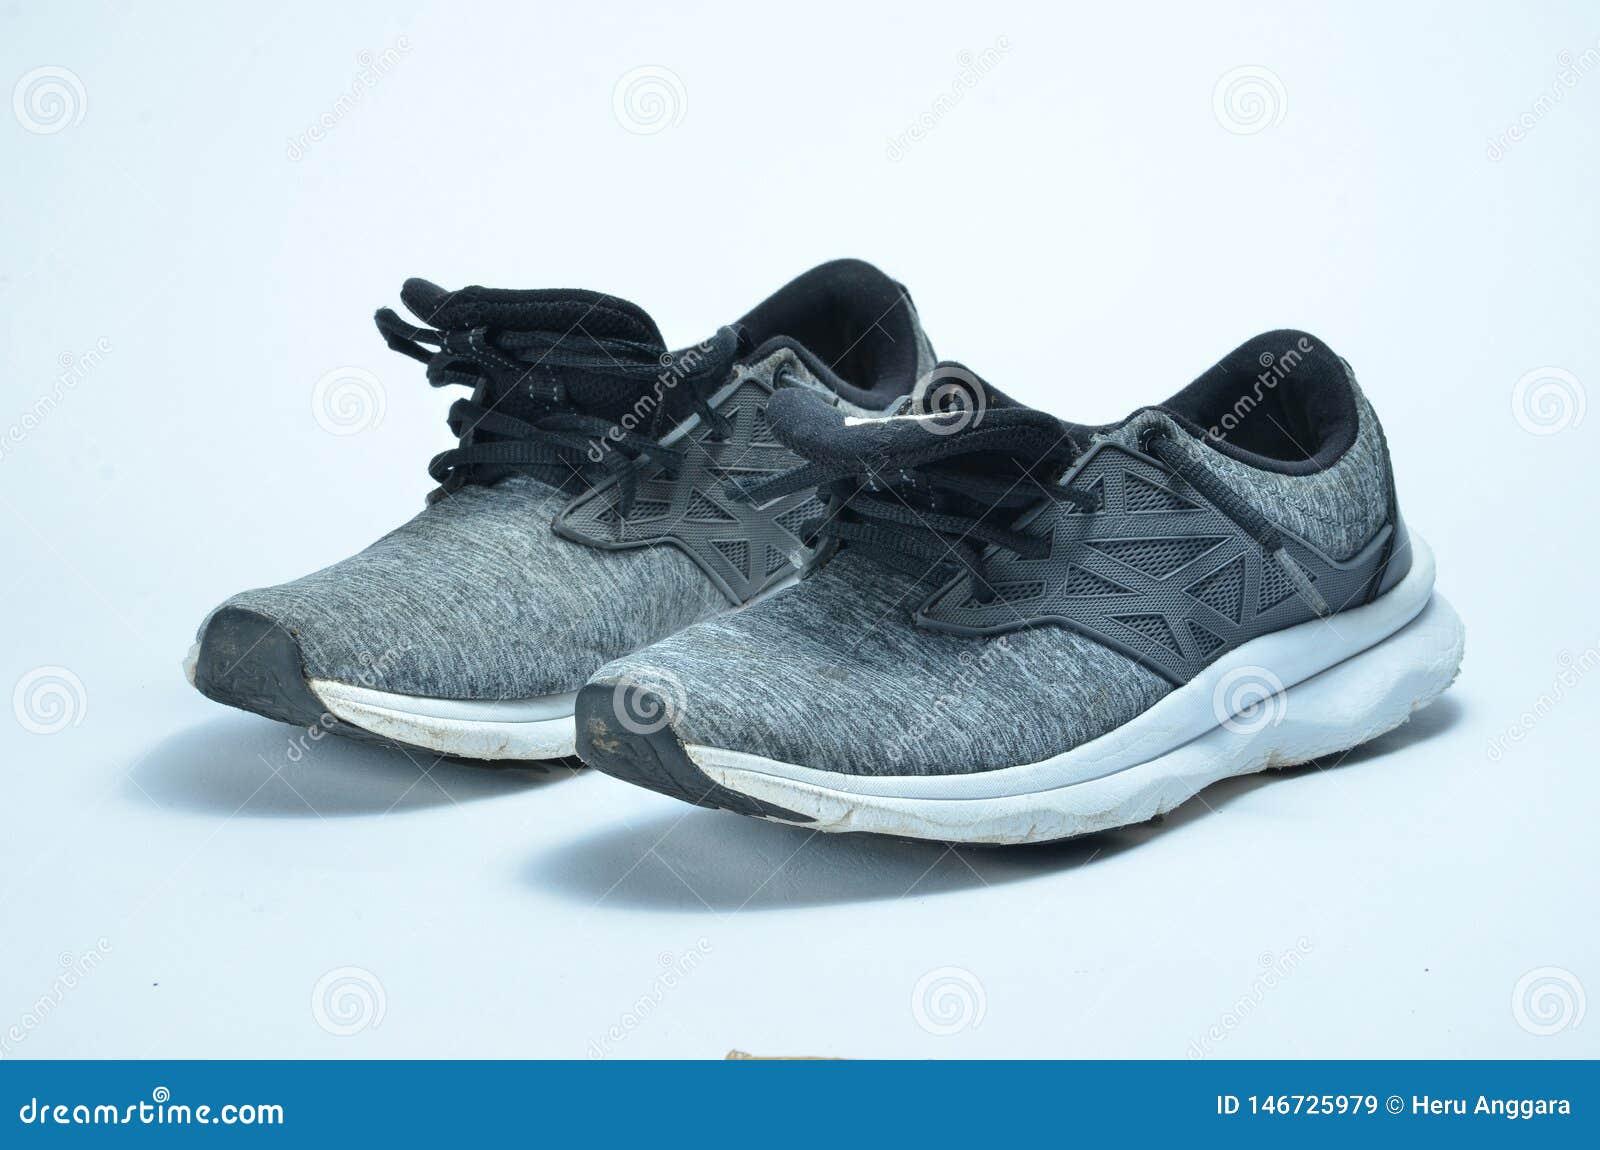 Αθλητικά παπούτσια ατόμων Ζευγάρι των αθλητικών παπουτσιών, γκρίζα αθλητικά παπούτσια χρώματος